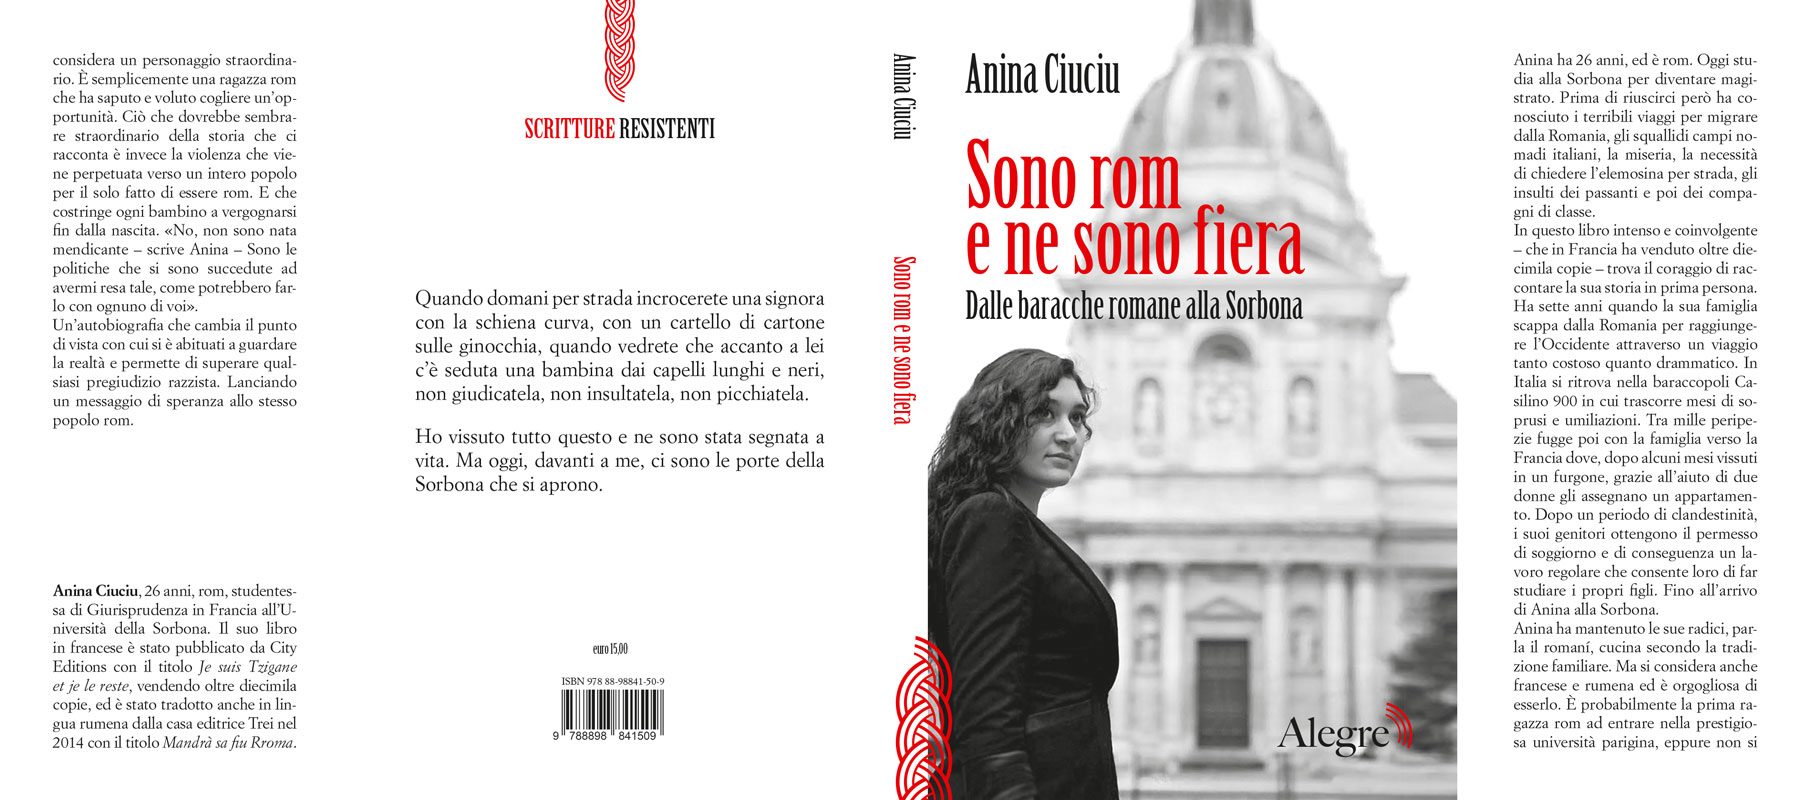 Anina Ciuciu, Sono rom e ne sono fiera, stesa